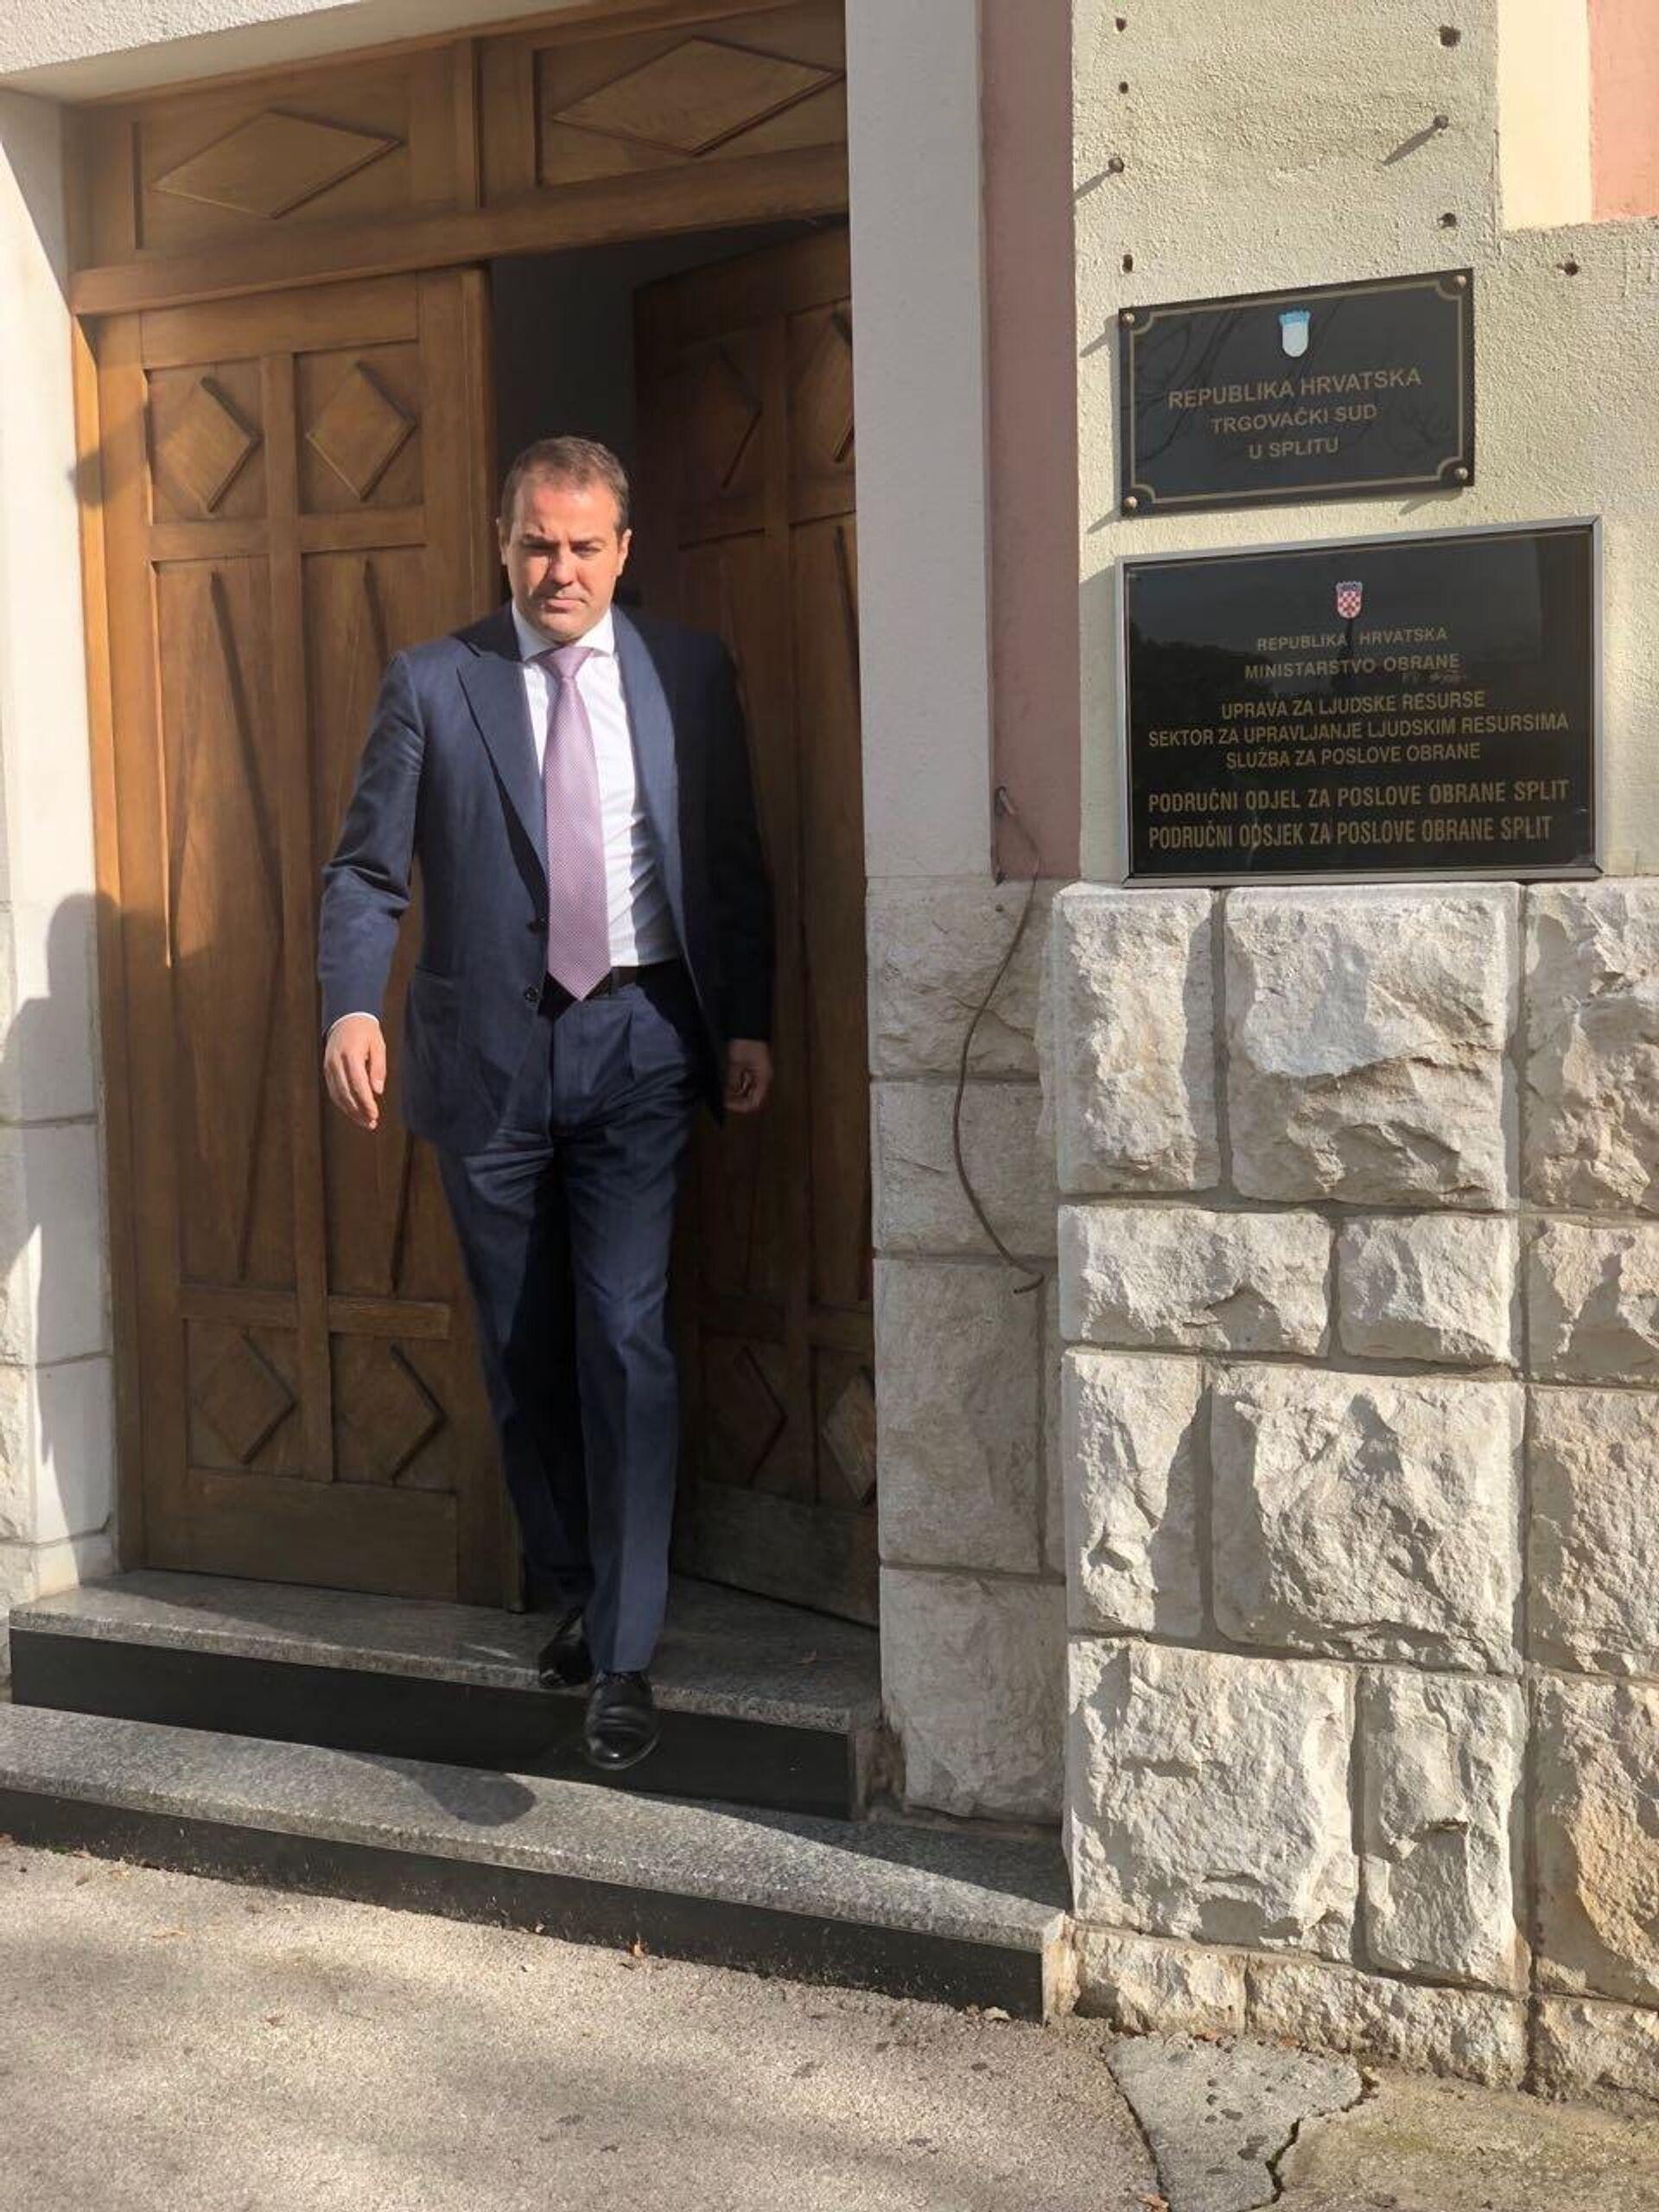 advokat Ivan Simić - Sputnik Srbija, 1920, 18.09.2021